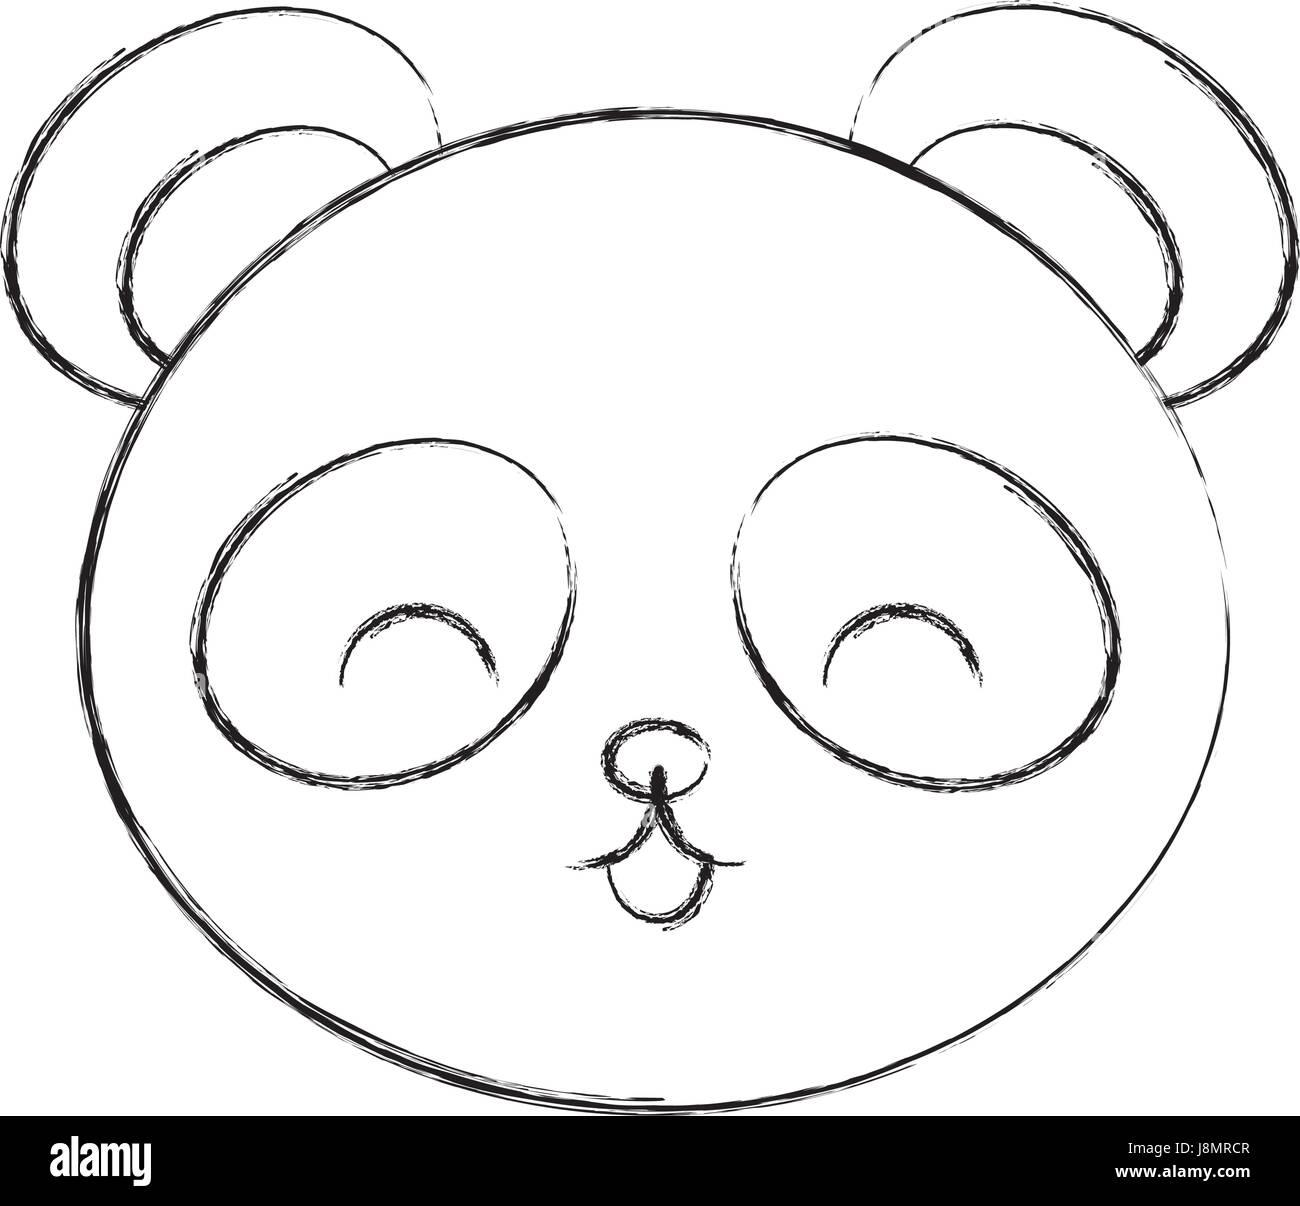 cute sketch draw panda bear face stock vector art